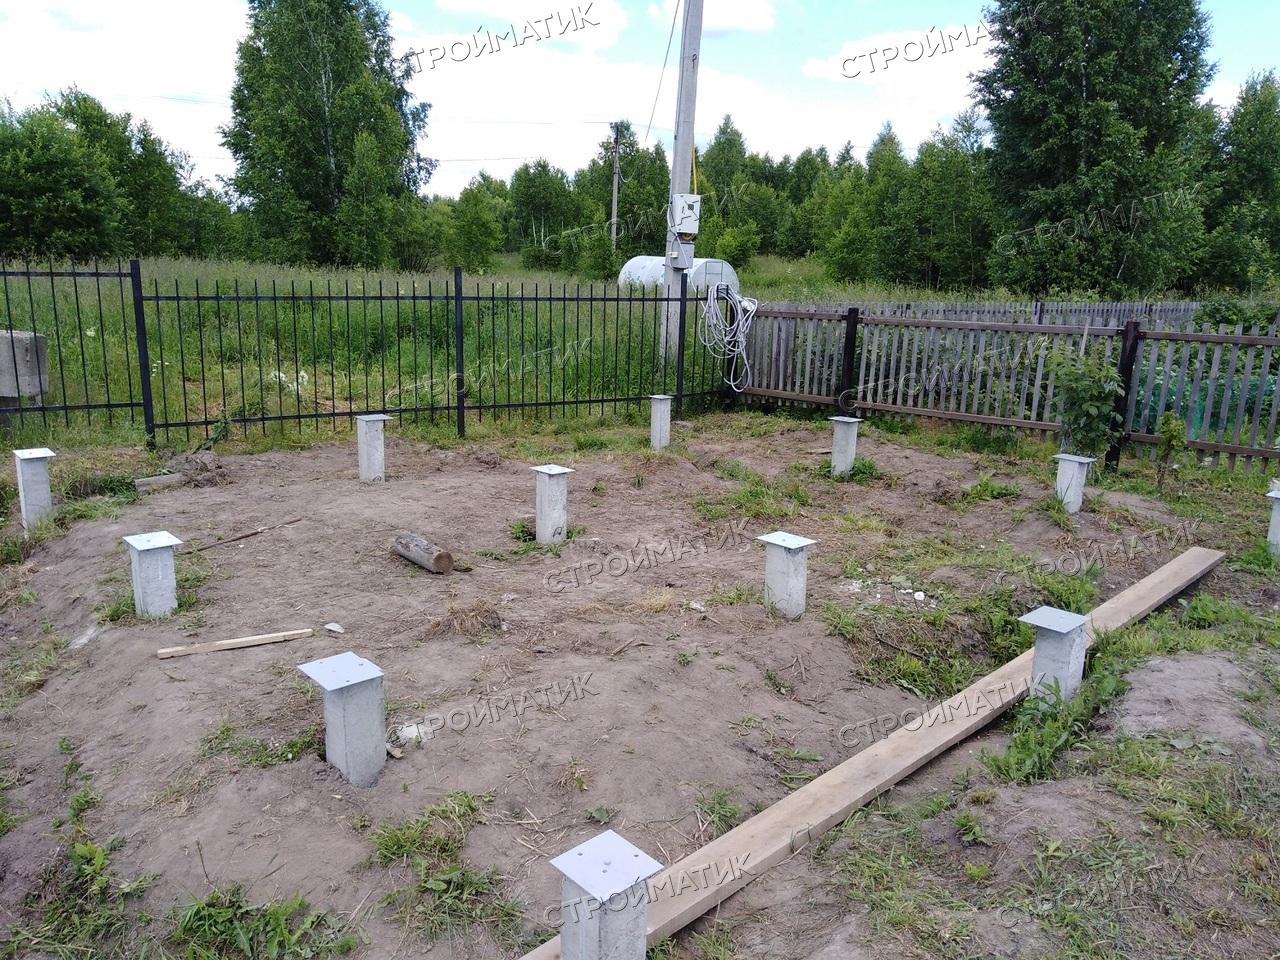 Фундамент на забивных ж/б сваях для бани из бруса с террасой в поселке Родионово Томской области от компании Стройматик